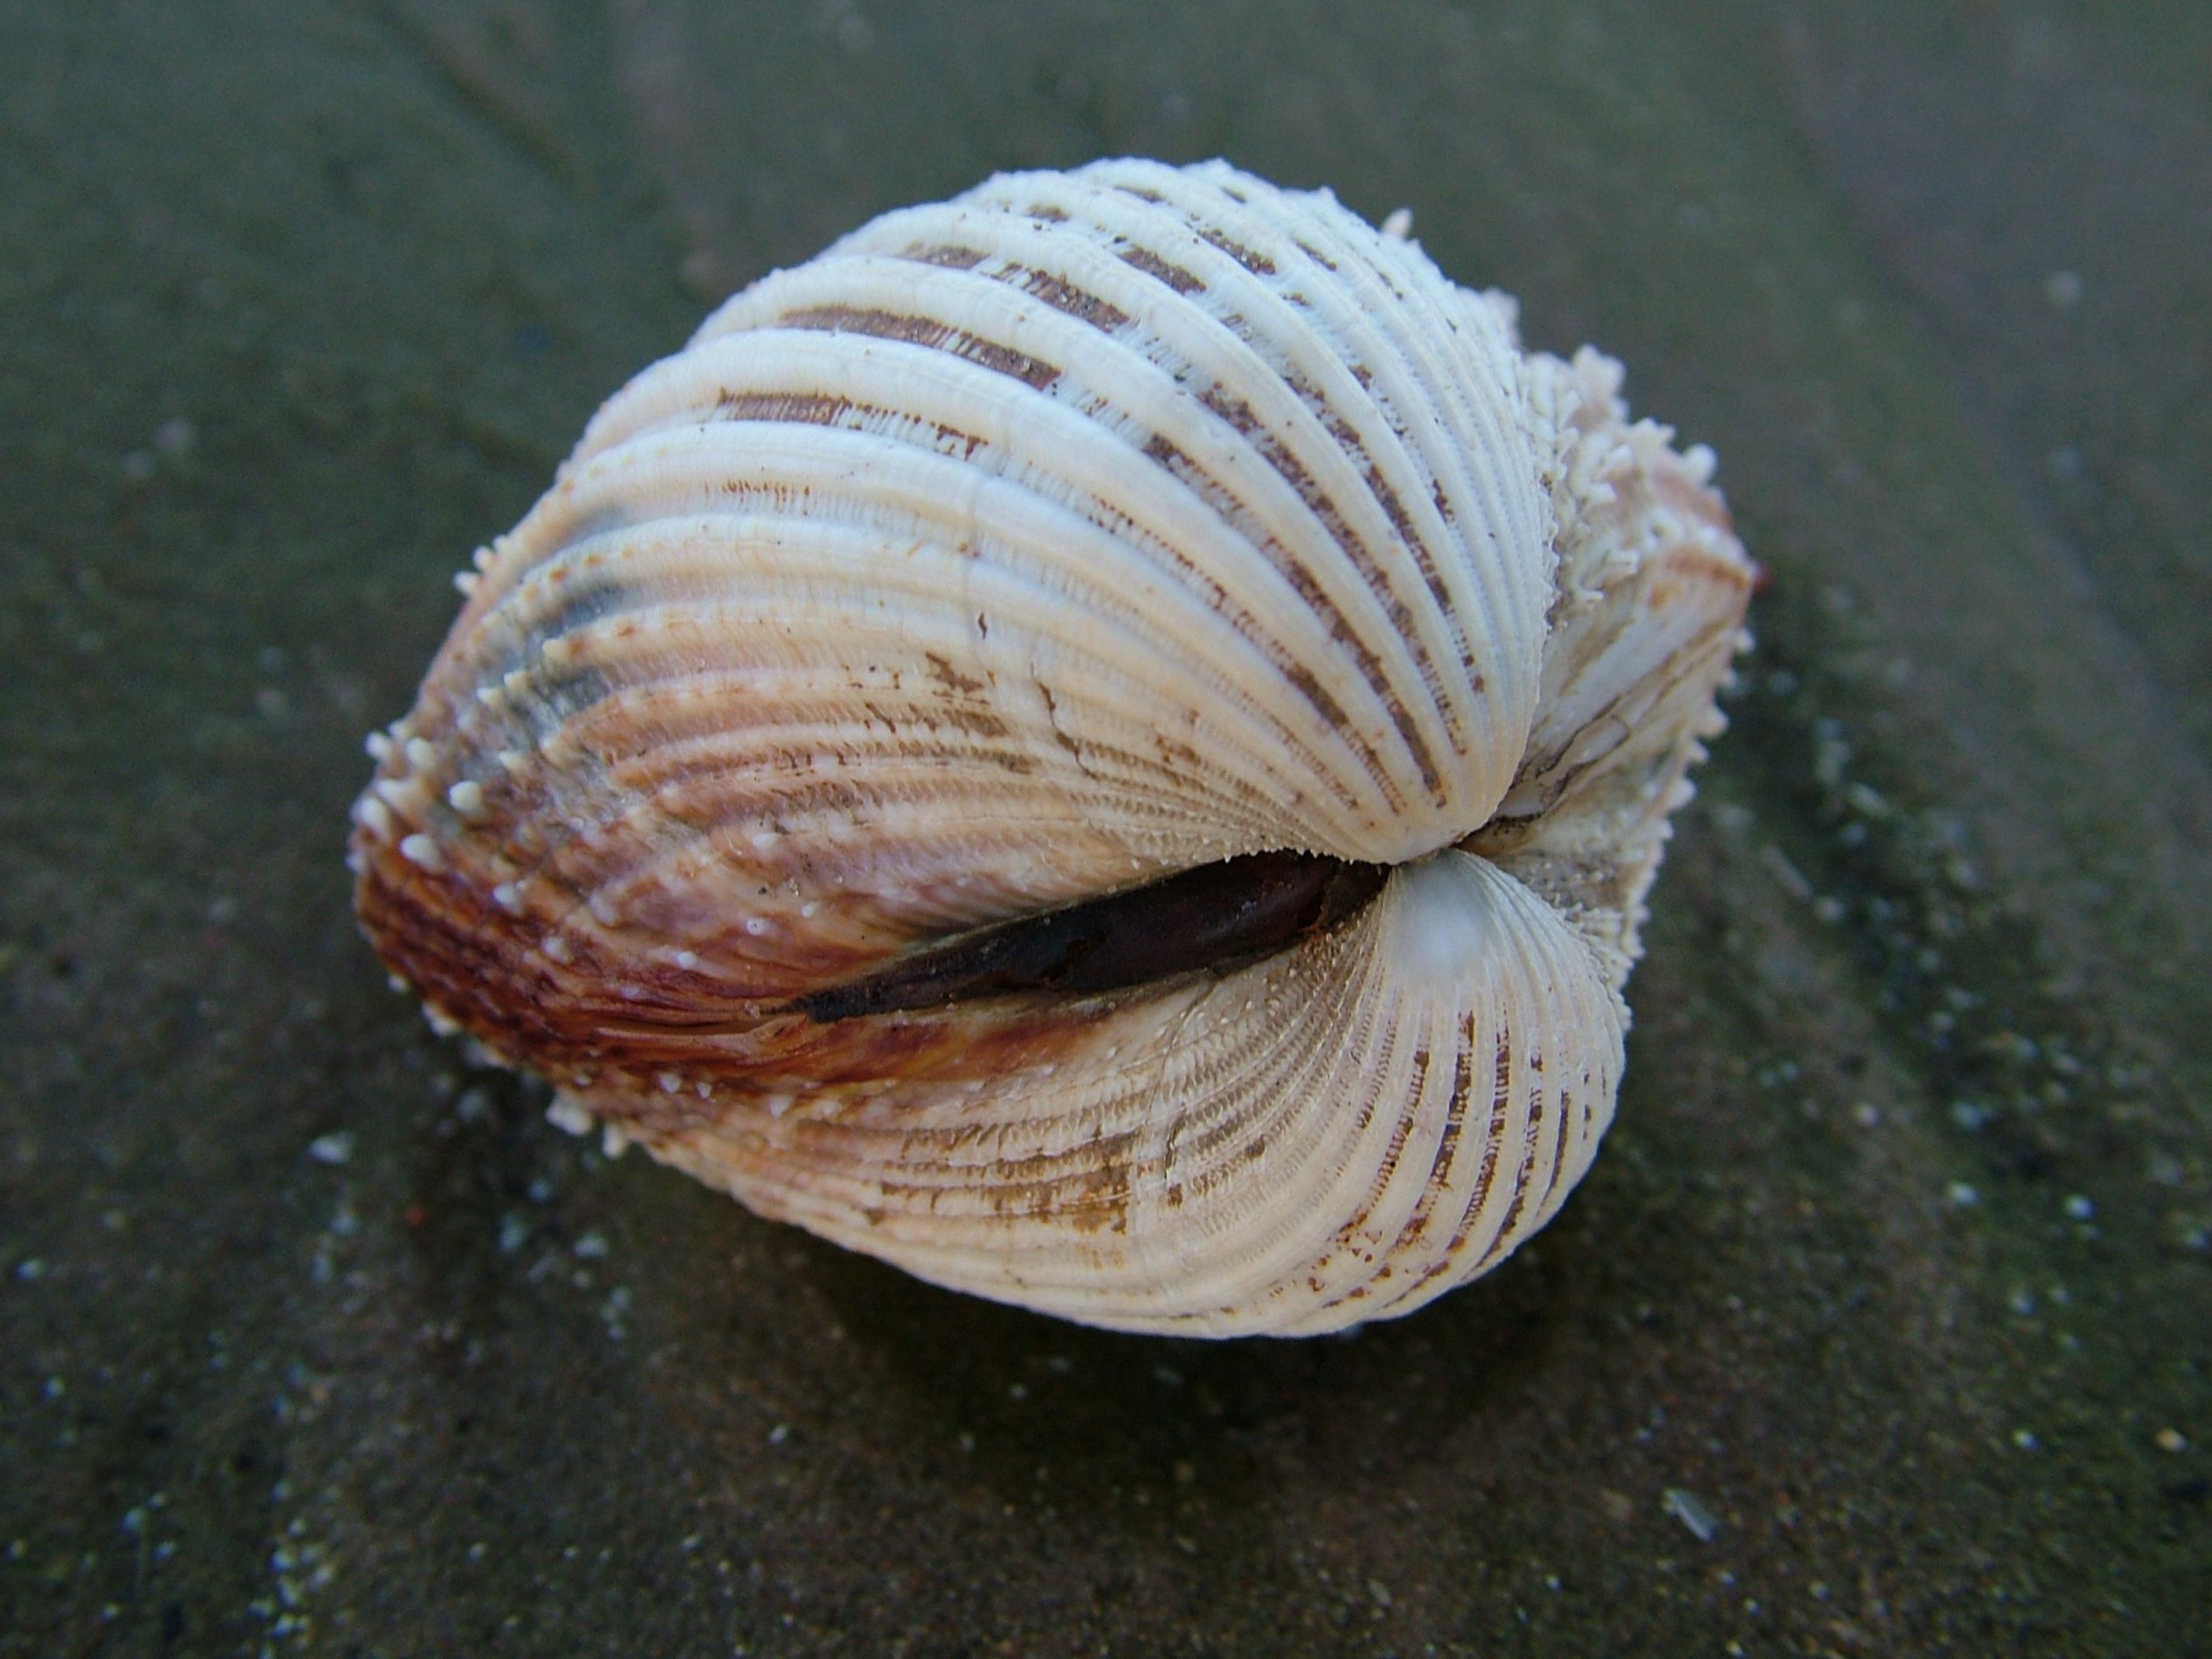 сами двустворчатый моллюск картинка пловцы имеют